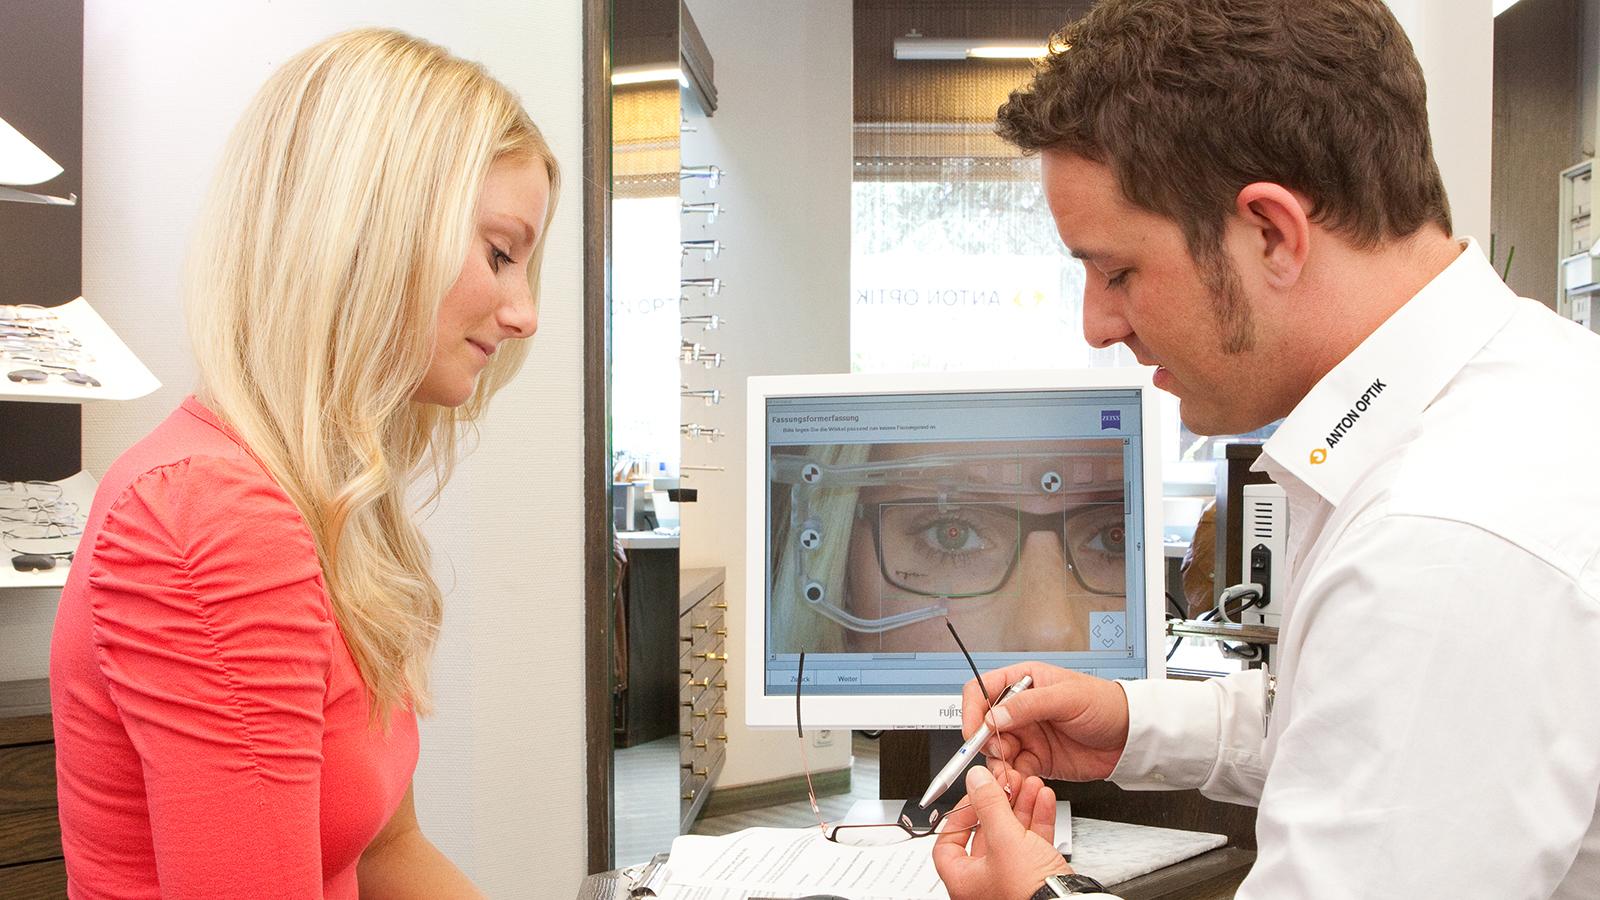 Erkennt-Ihr-gute-Beratung-beim-Optiker